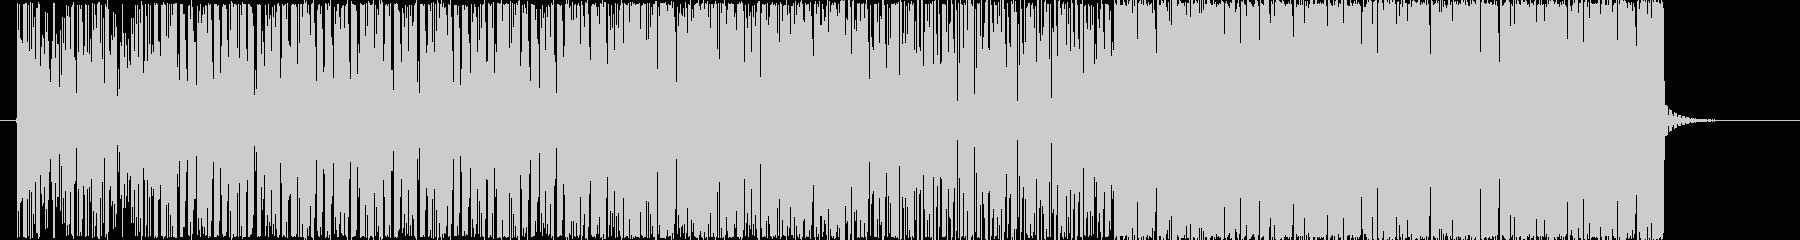 無機質な空間 BGMの未再生の波形